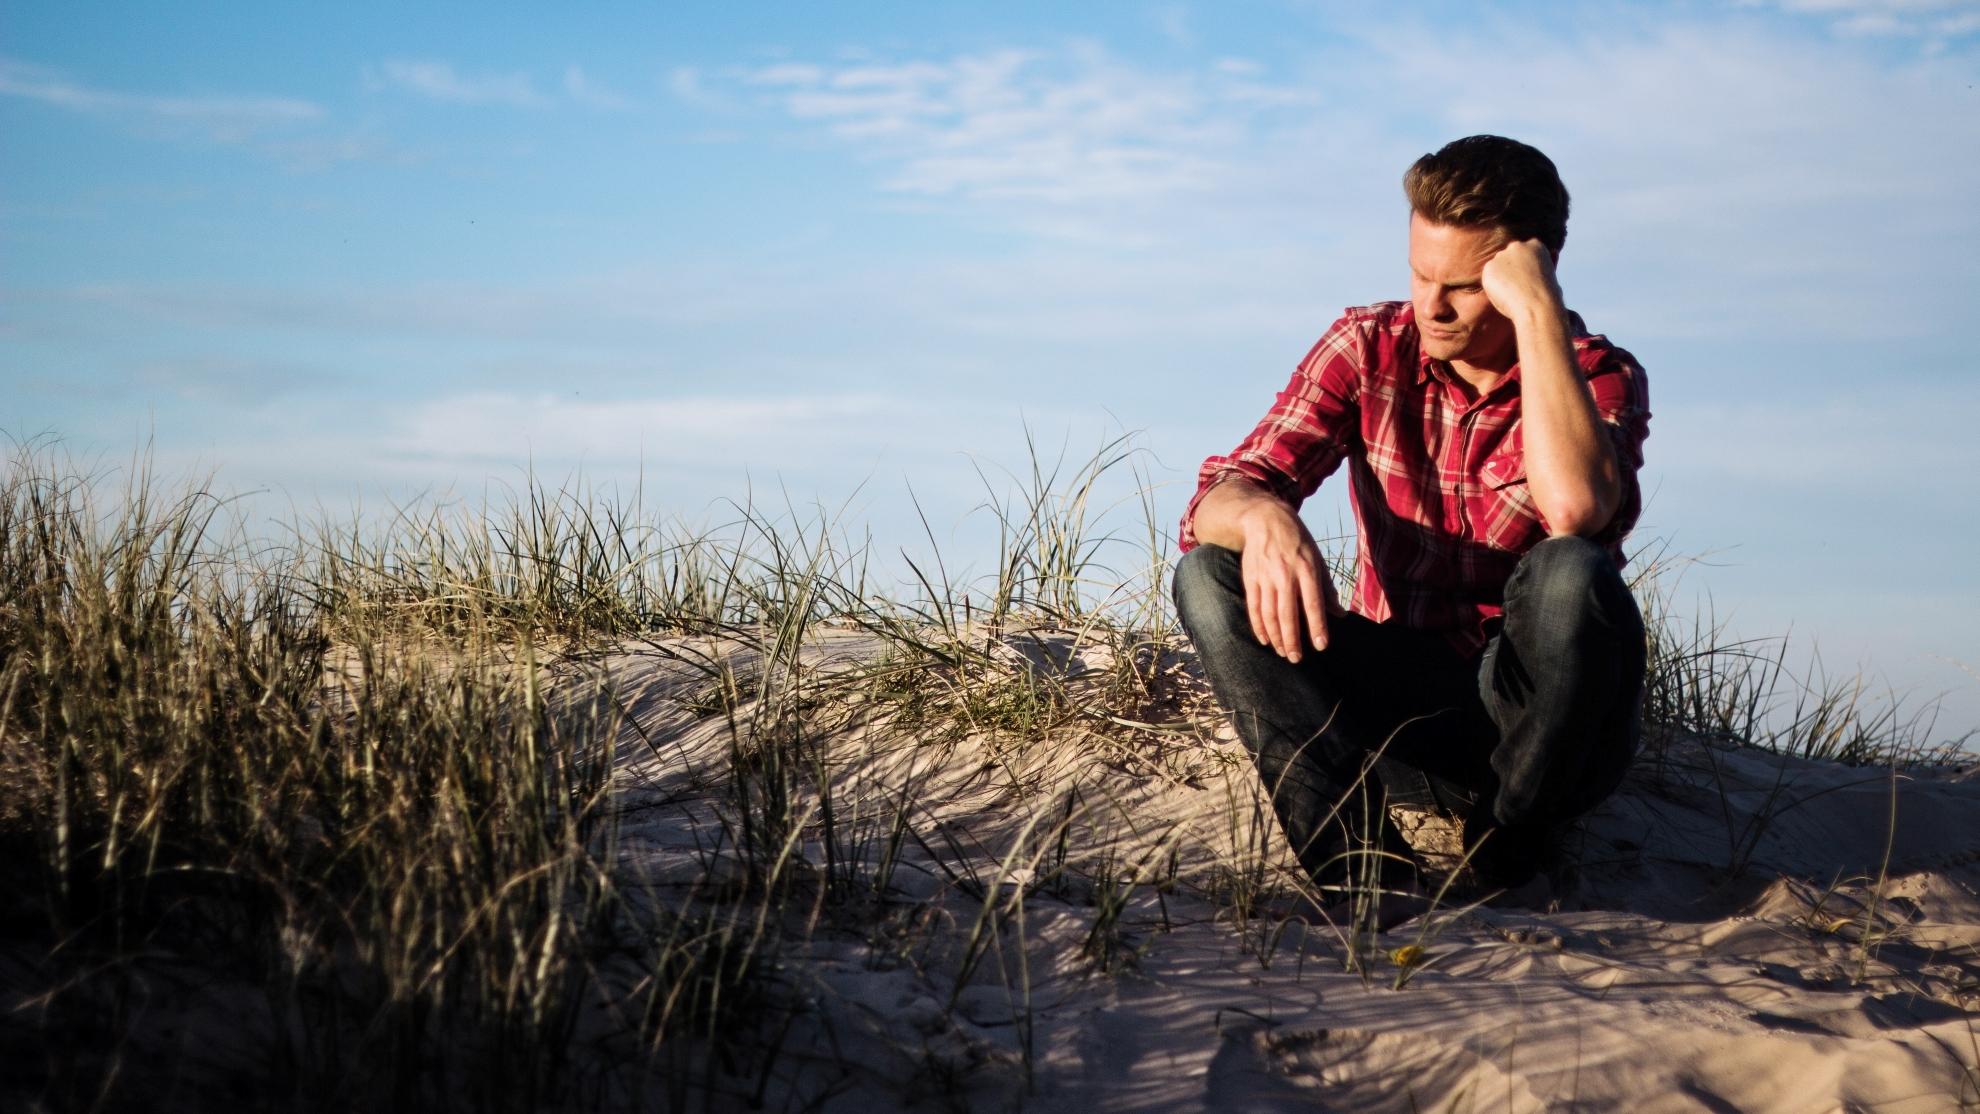 Ein Mann sitzt nachdenklich in der Natur